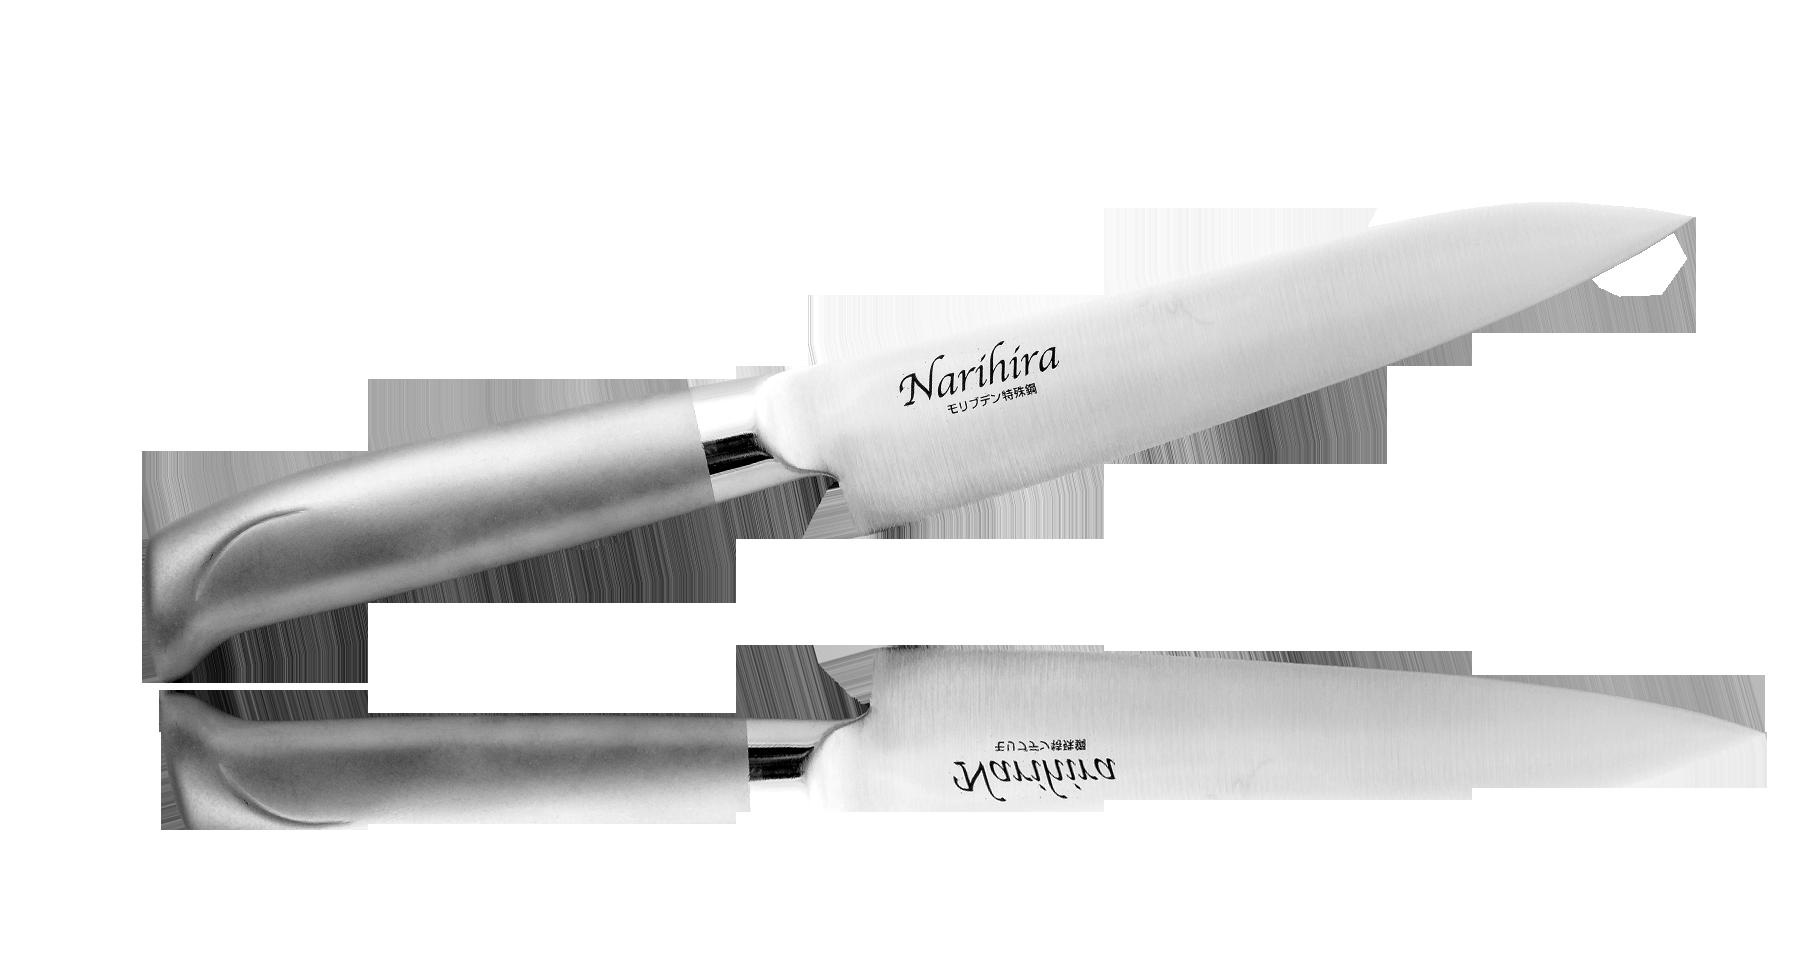 Нож Универсальный Narihira 150 мм, сталь AUS-8, стальная рукоять